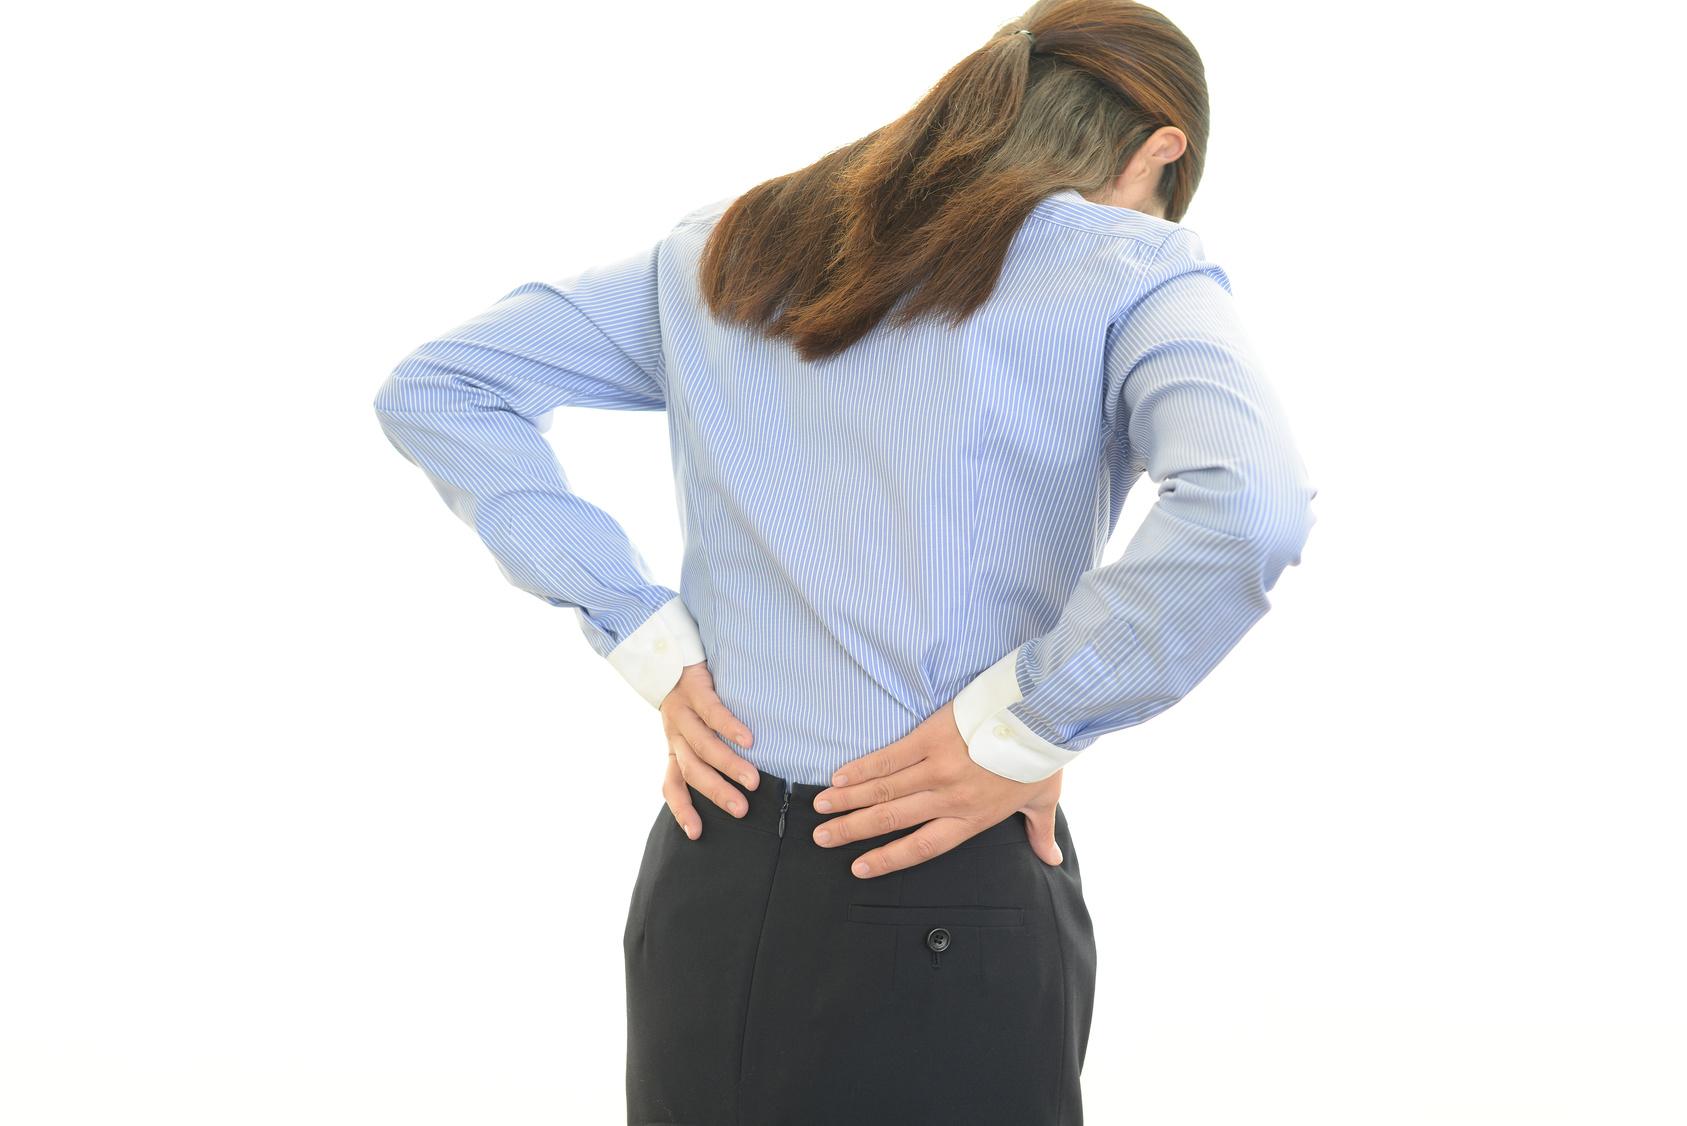 背中の疲れに効くおすすめストレッチ